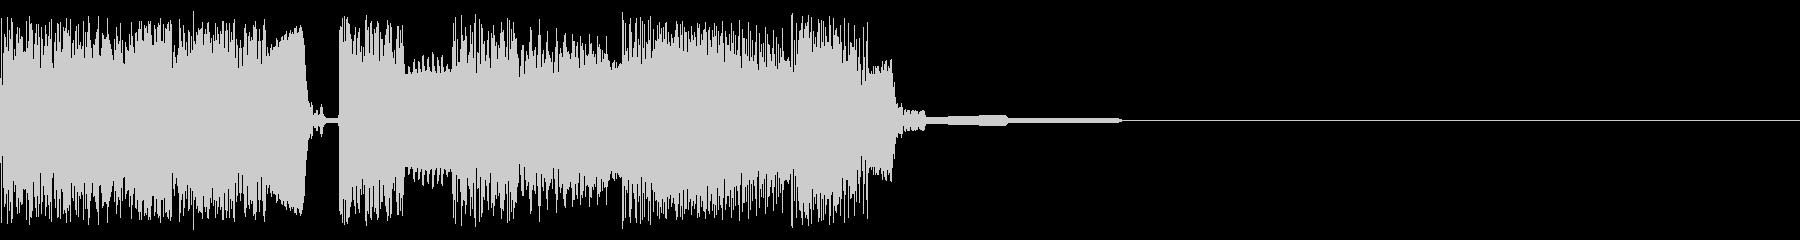 始まりの際の音、スタートの未再生の波形